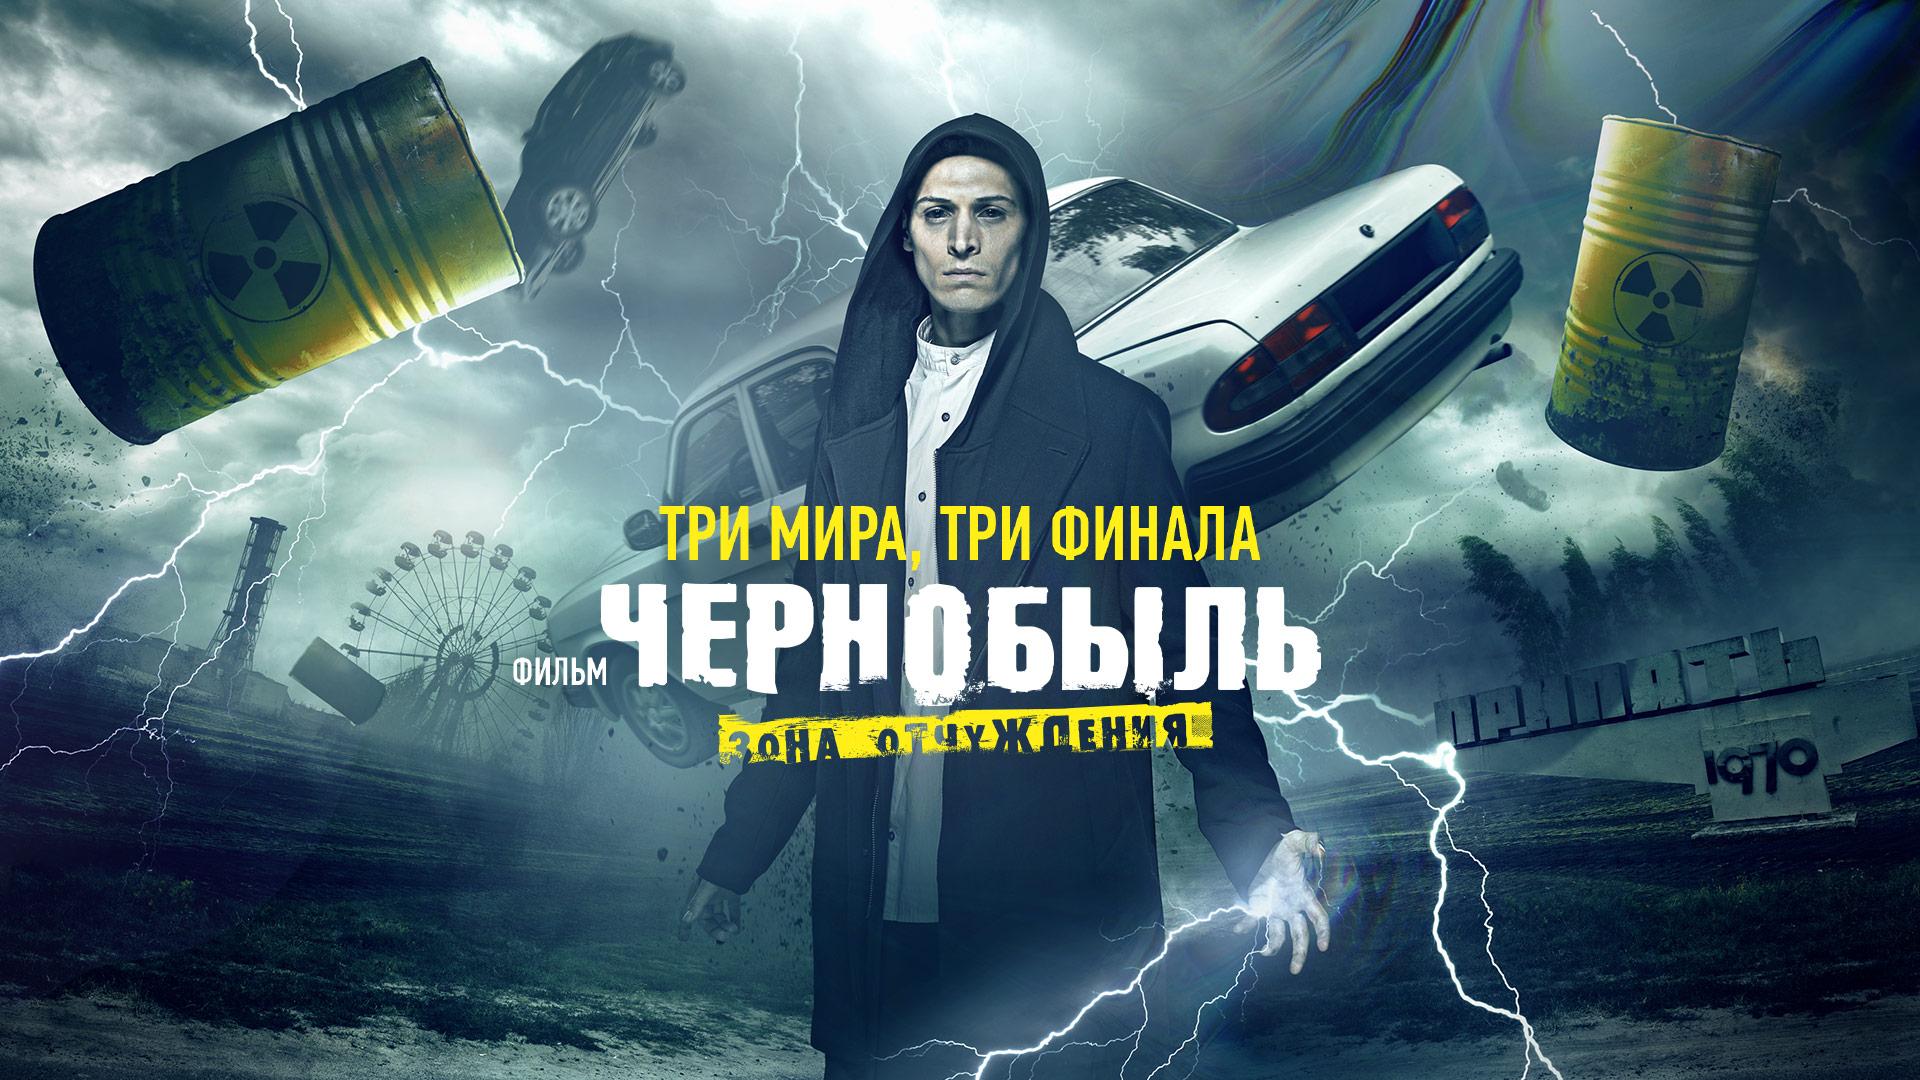 Смотреть «Чернобыль: Зона отчуждения. Финал» в хорошем качестве онлайн на  сайте PREMIER.ONE